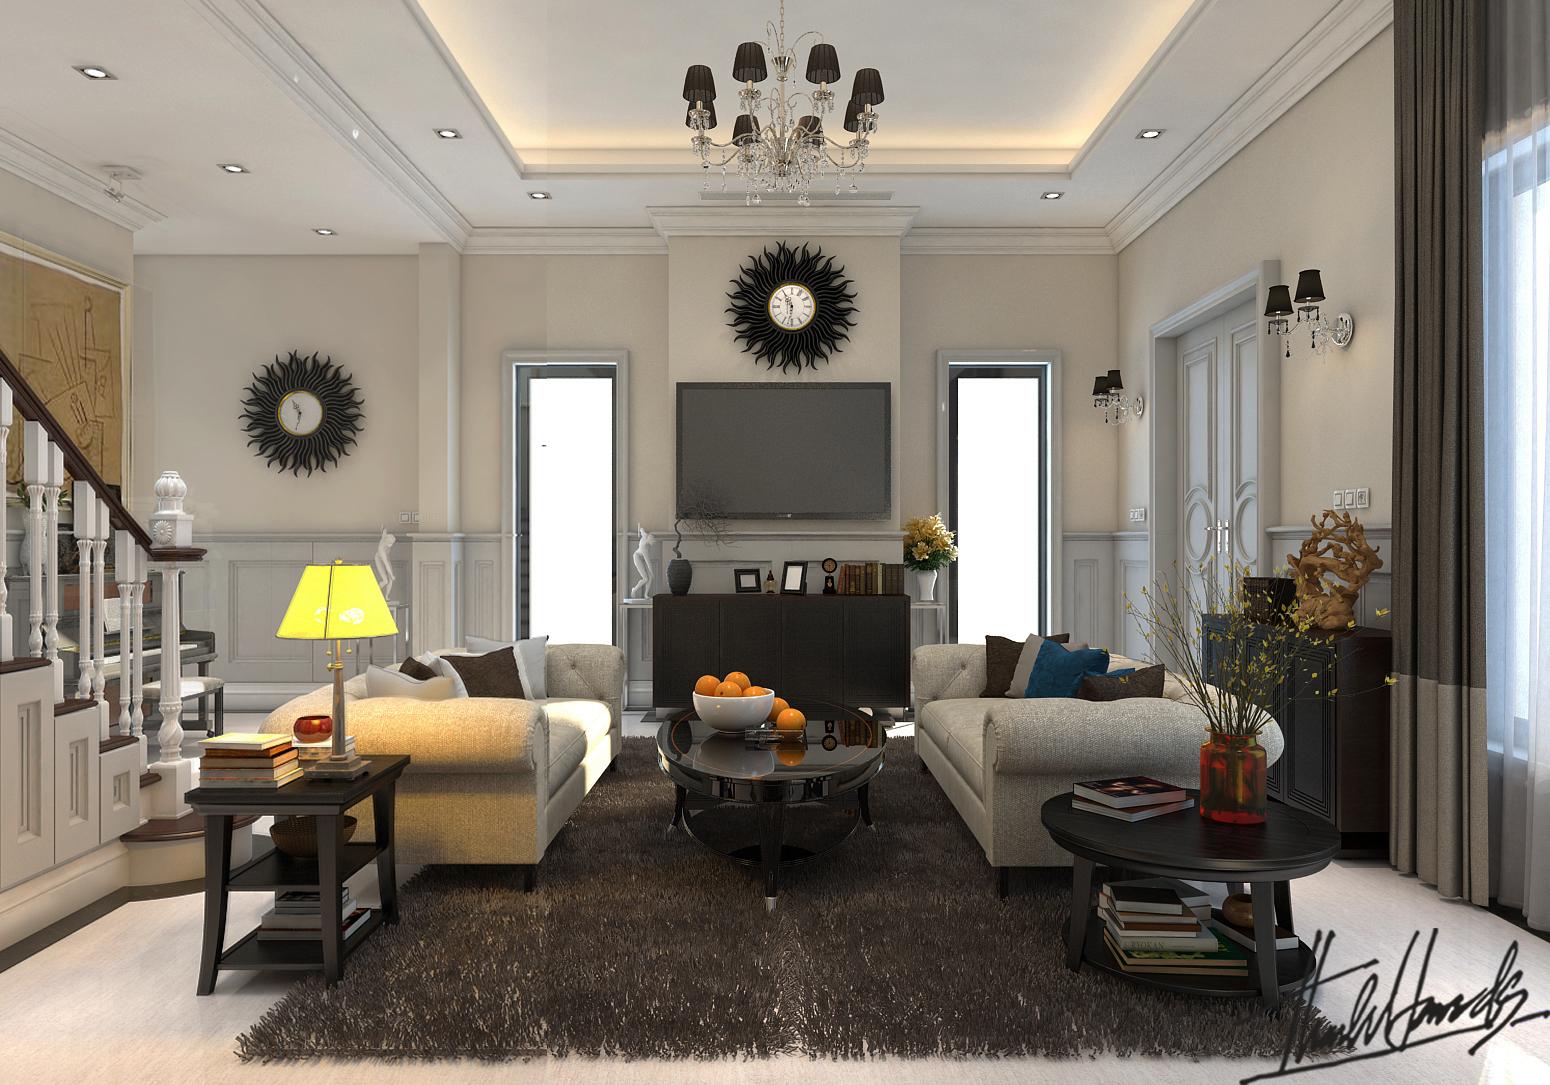 thiết kế nội thất Biệt Thự tại Hà Nội bt Vinhomes - riverside 21 1568274532